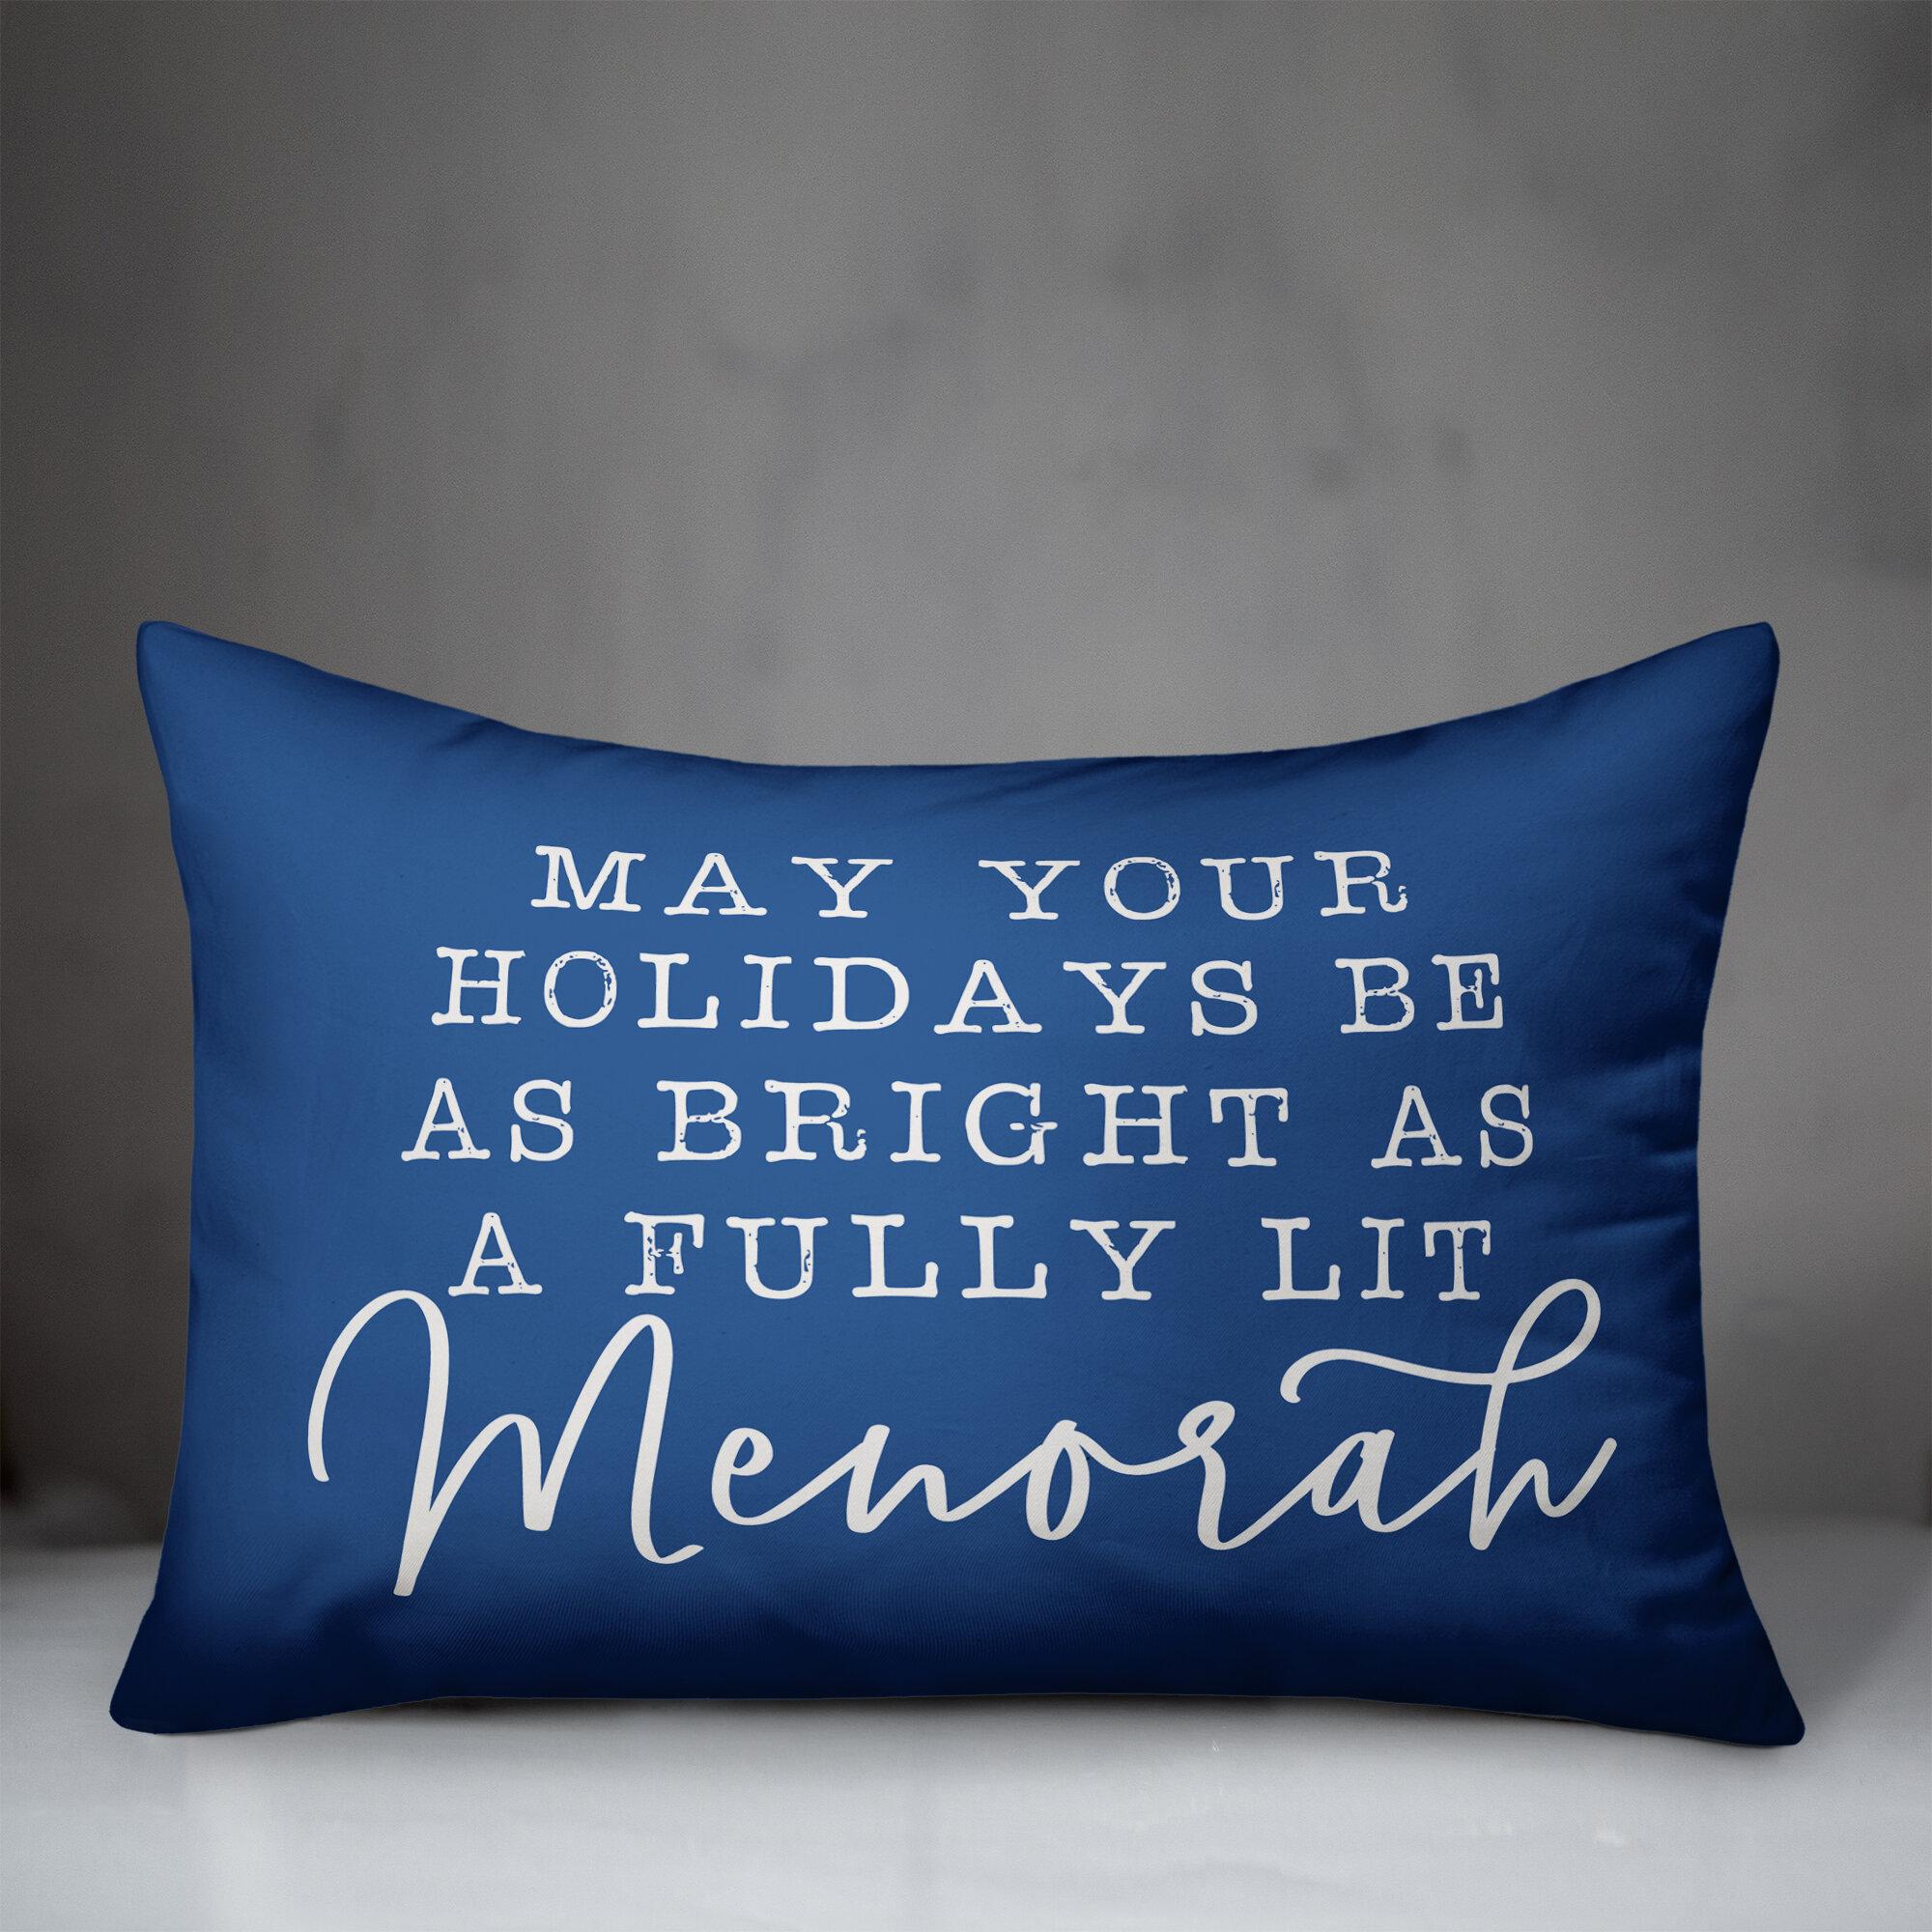 The Holiday Aisle Kent Fully Lit Menorah Lumbar Pillow Wayfair